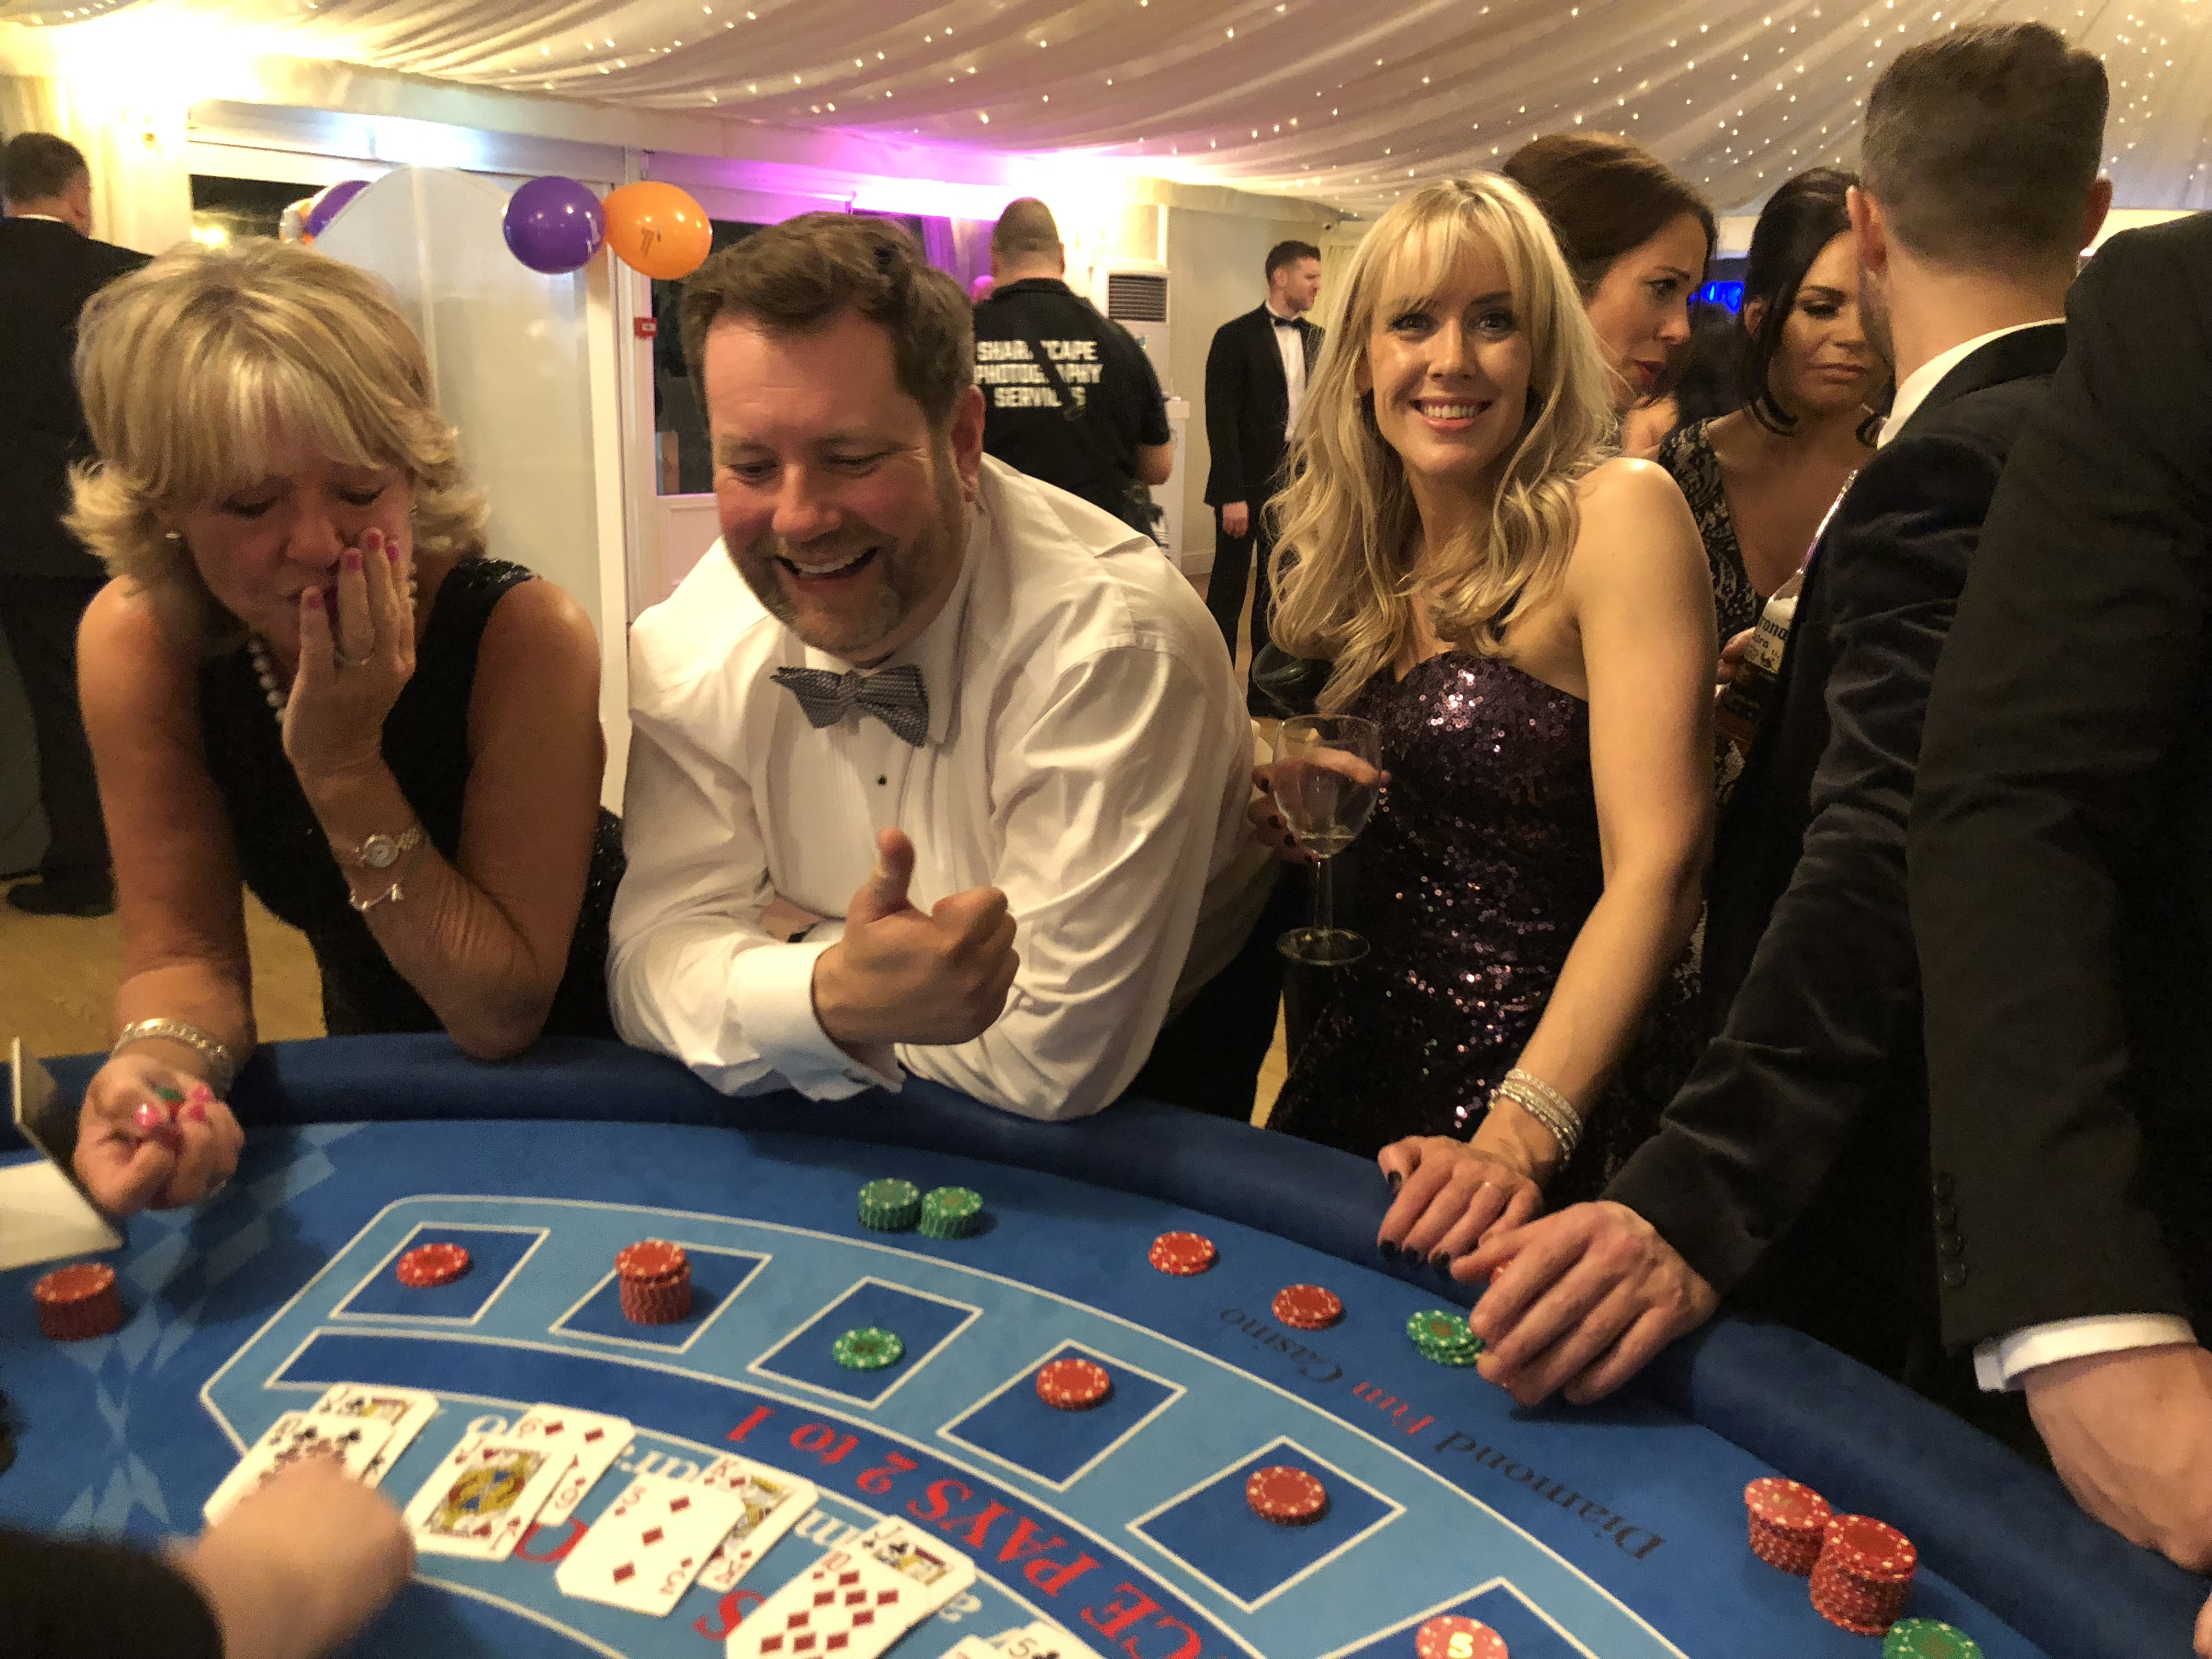 dealer checking poker hands